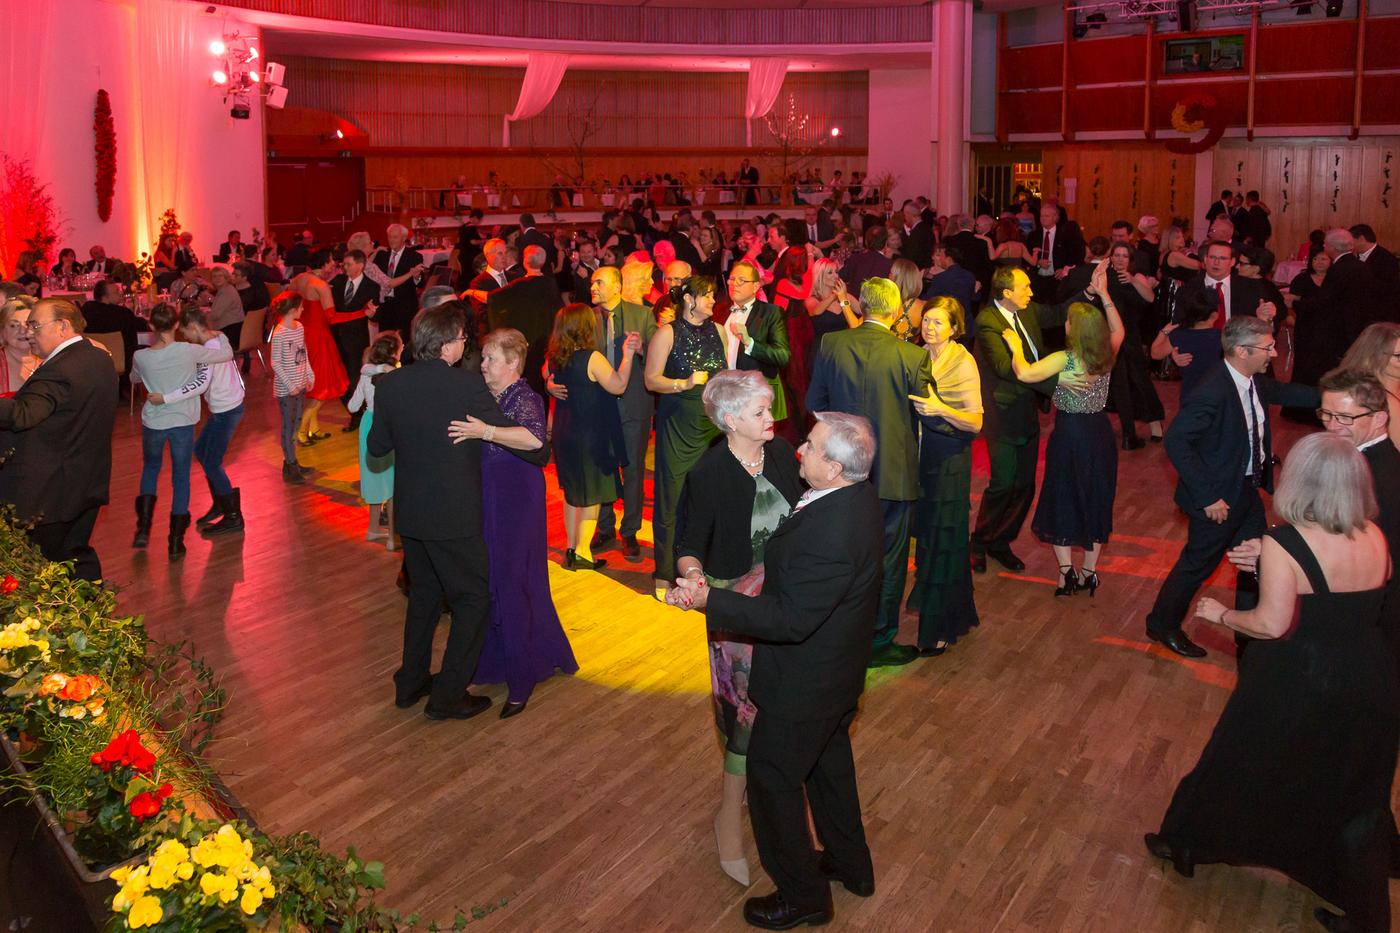 Tanzfläche der Kürnberghalle mit einigen tanzenden Paaren